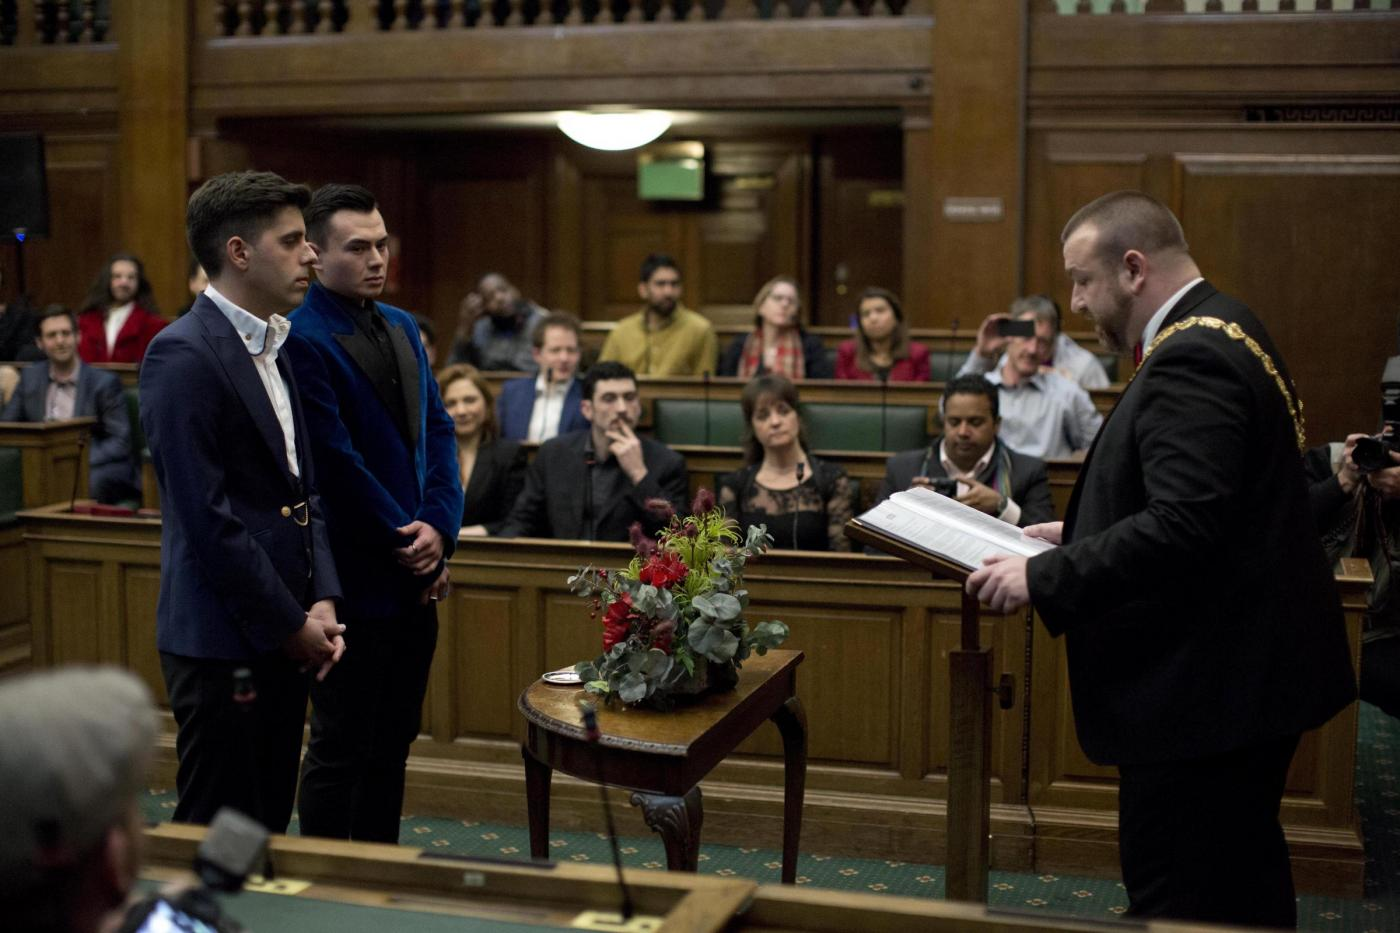 Matrimonio In Inghilterra : Diritti gay in inghilterra le prime nozze in italia continuano